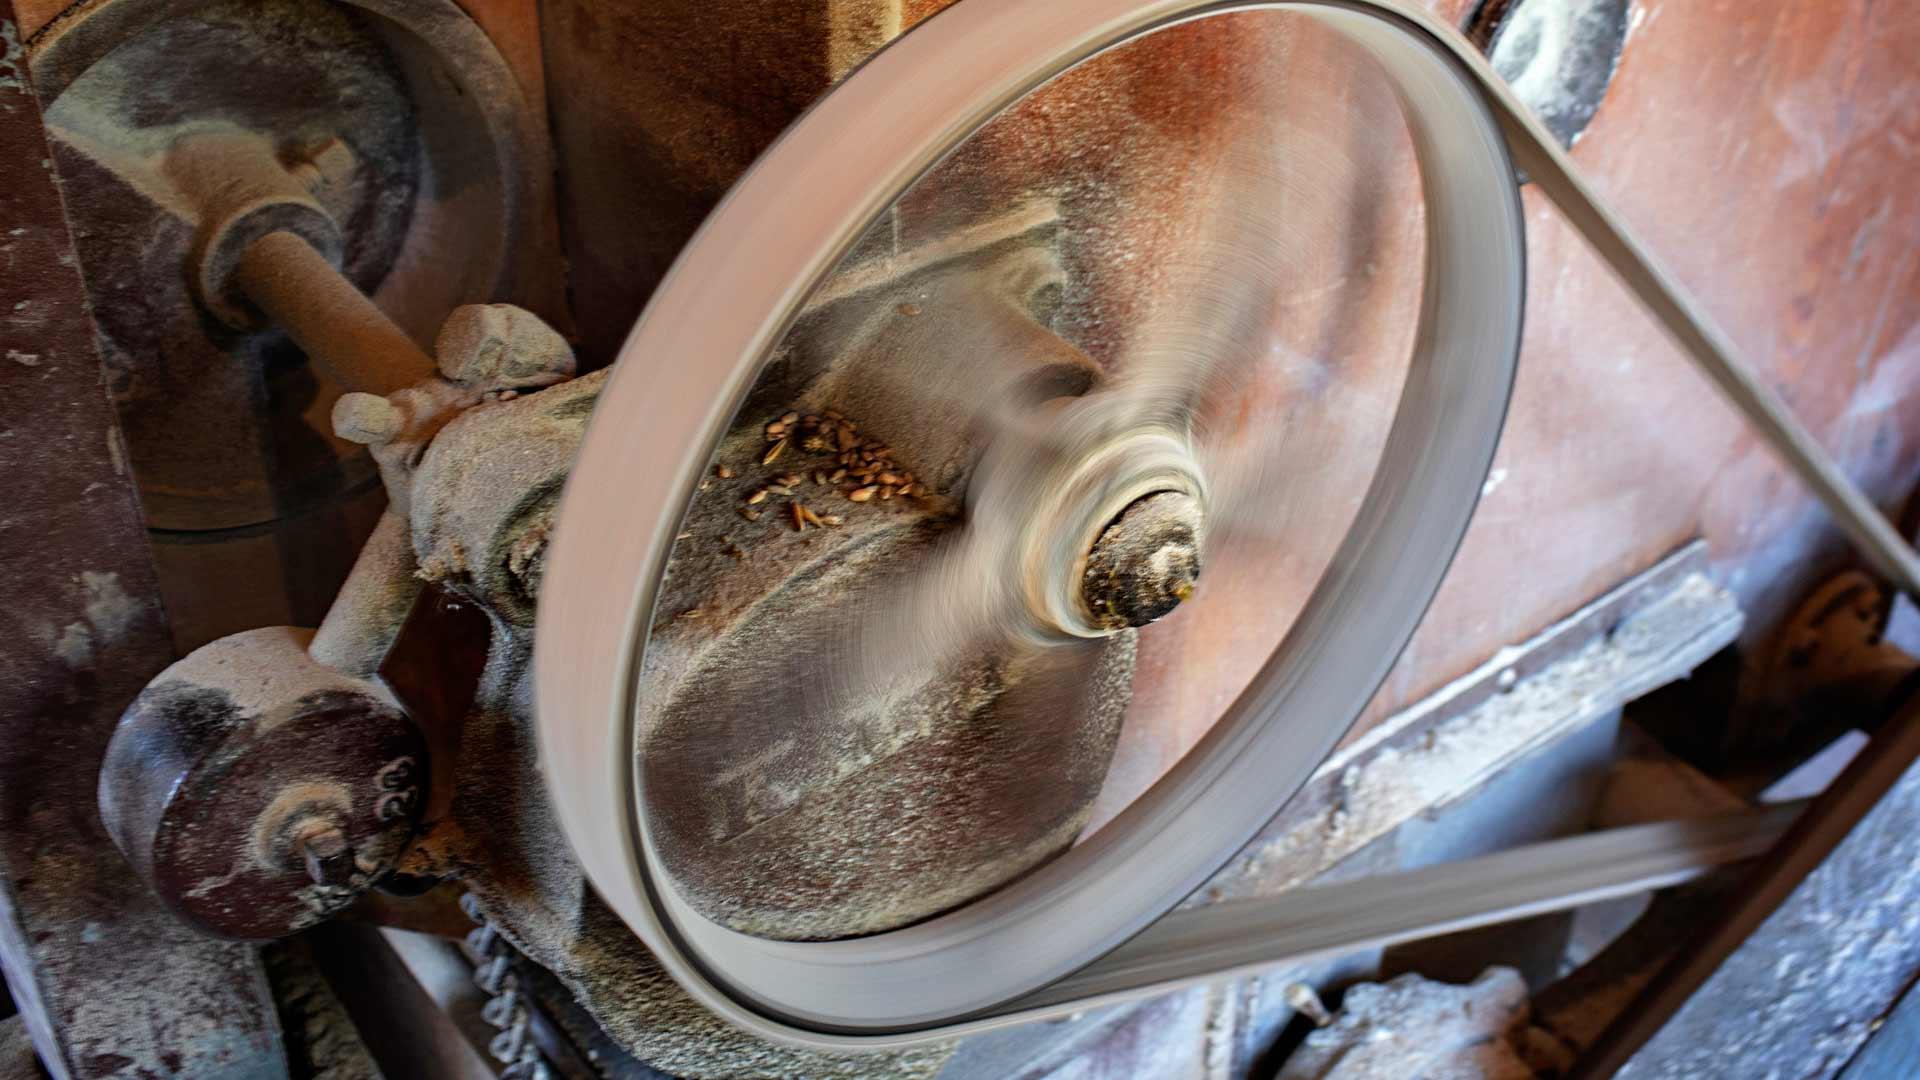 Valssikoneen hihna pyörii satoja kierroksia minuutissa ja pitää kovaa meteliä.